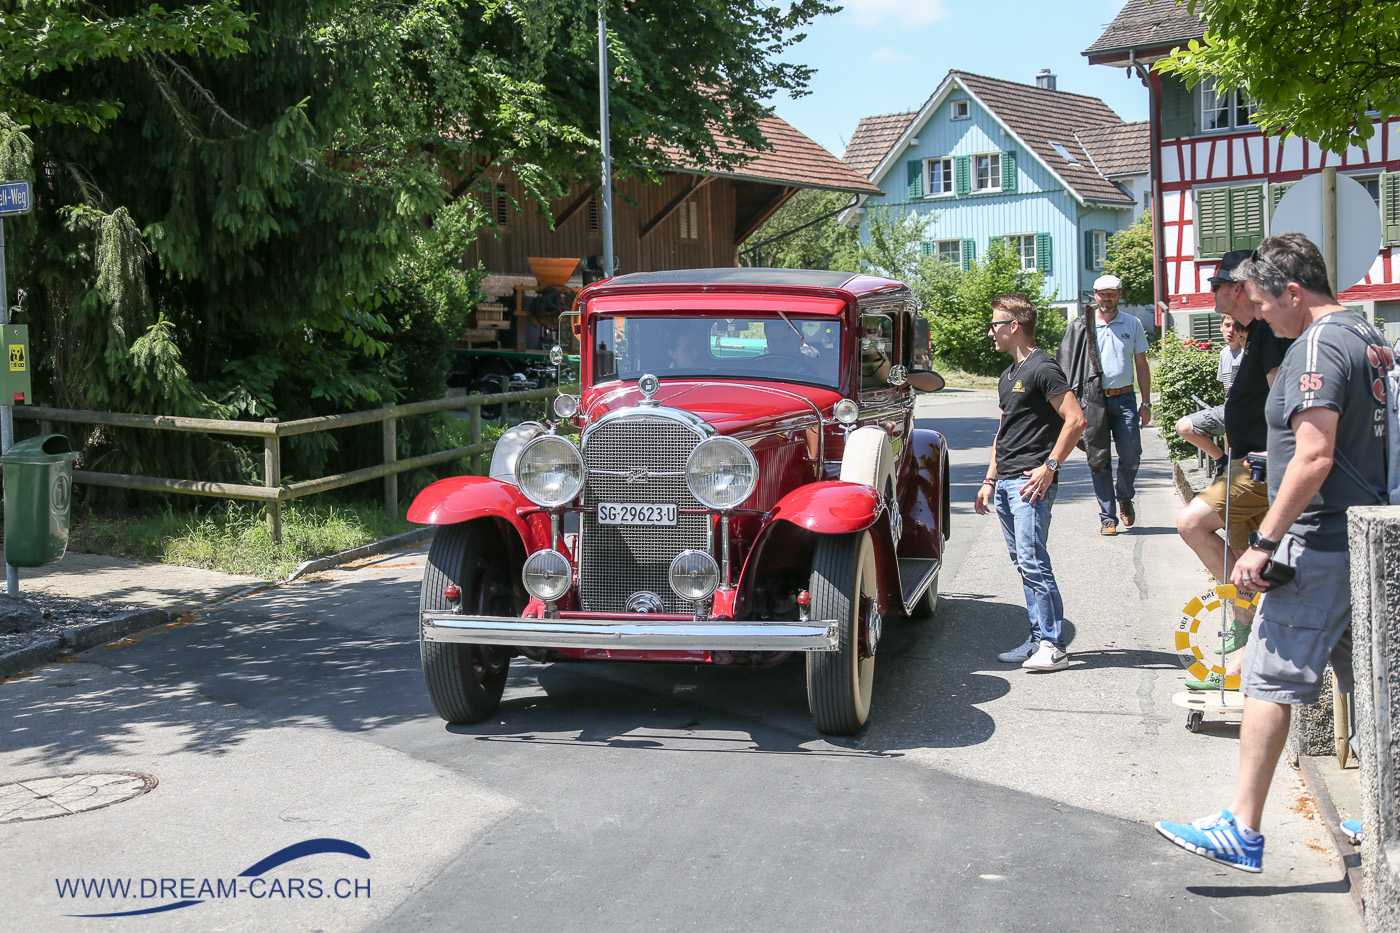 Nicht nur landwirtschaftliche Fahrzeuge waren in Roggwil zu bestaunen